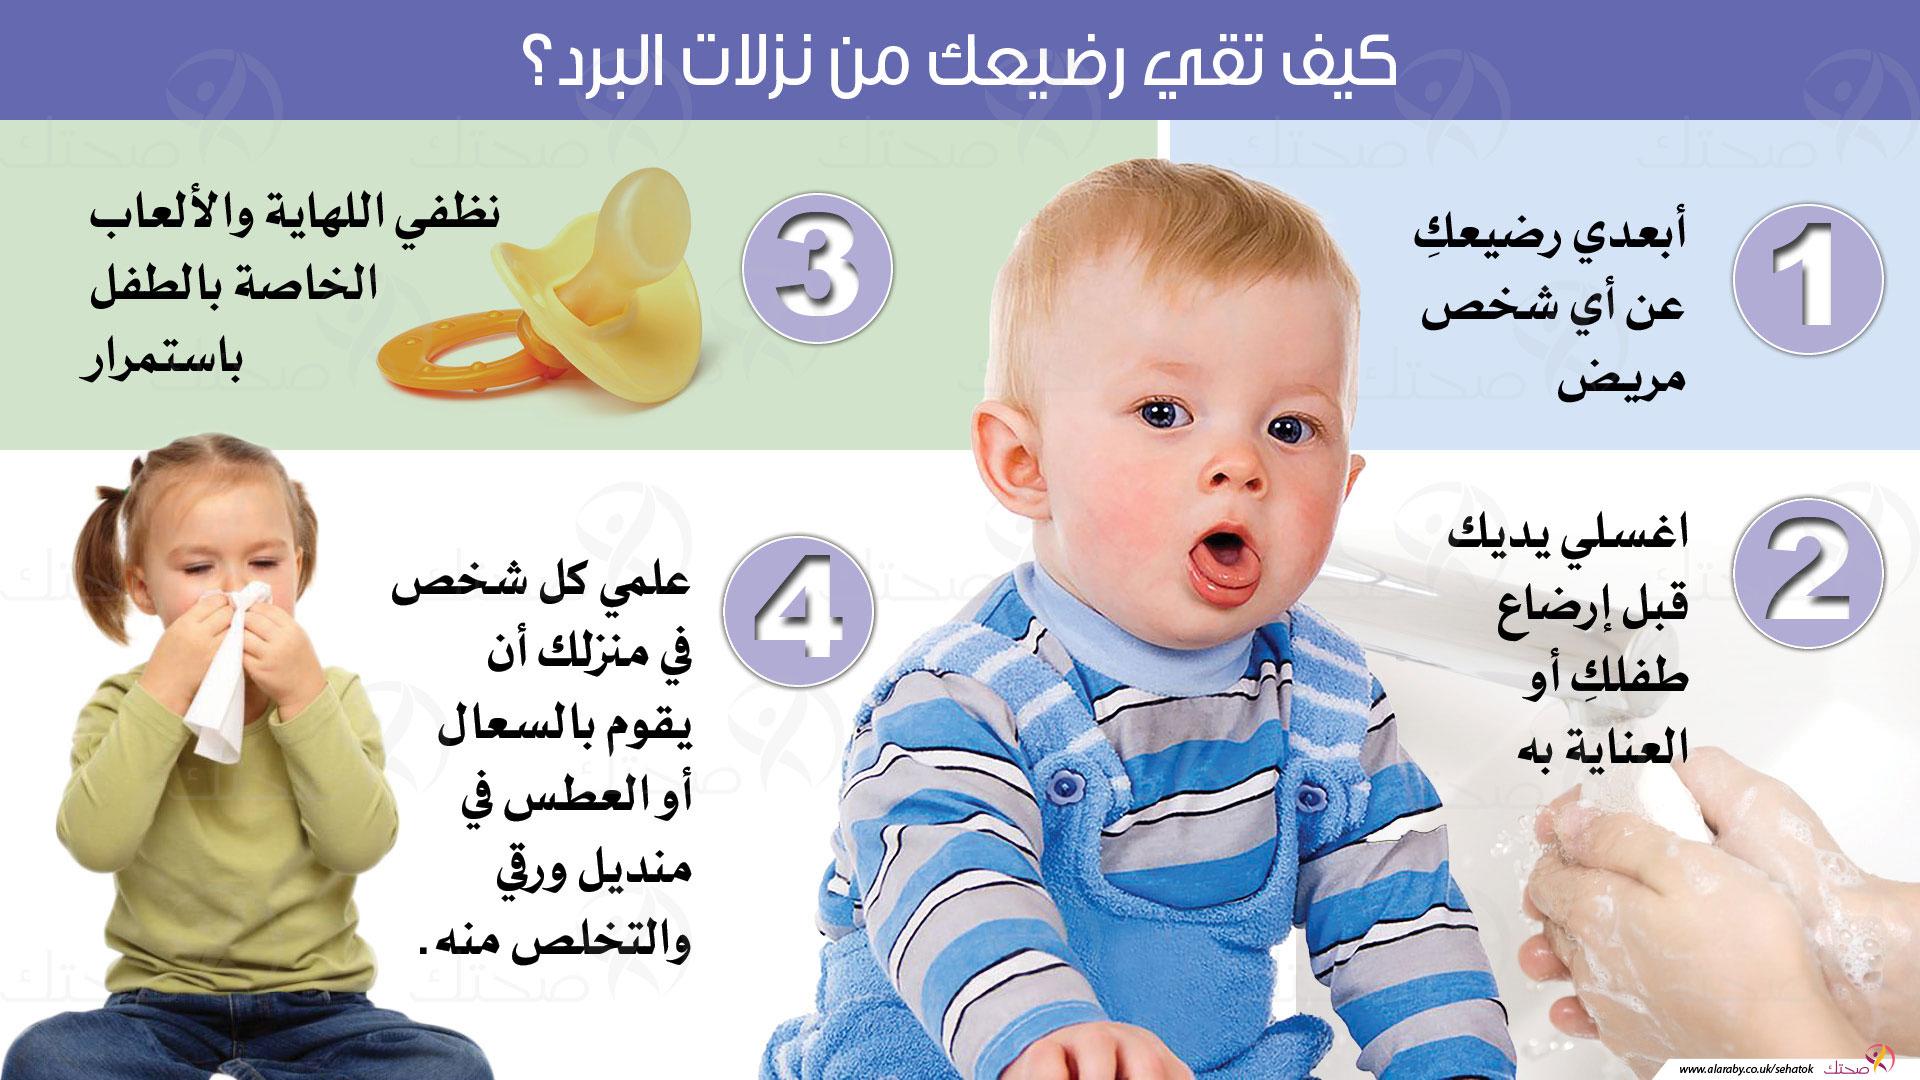 بالصور نزلات البرد , ما هي اسباب و اعراض و علاج نزلات البرد 1845 2